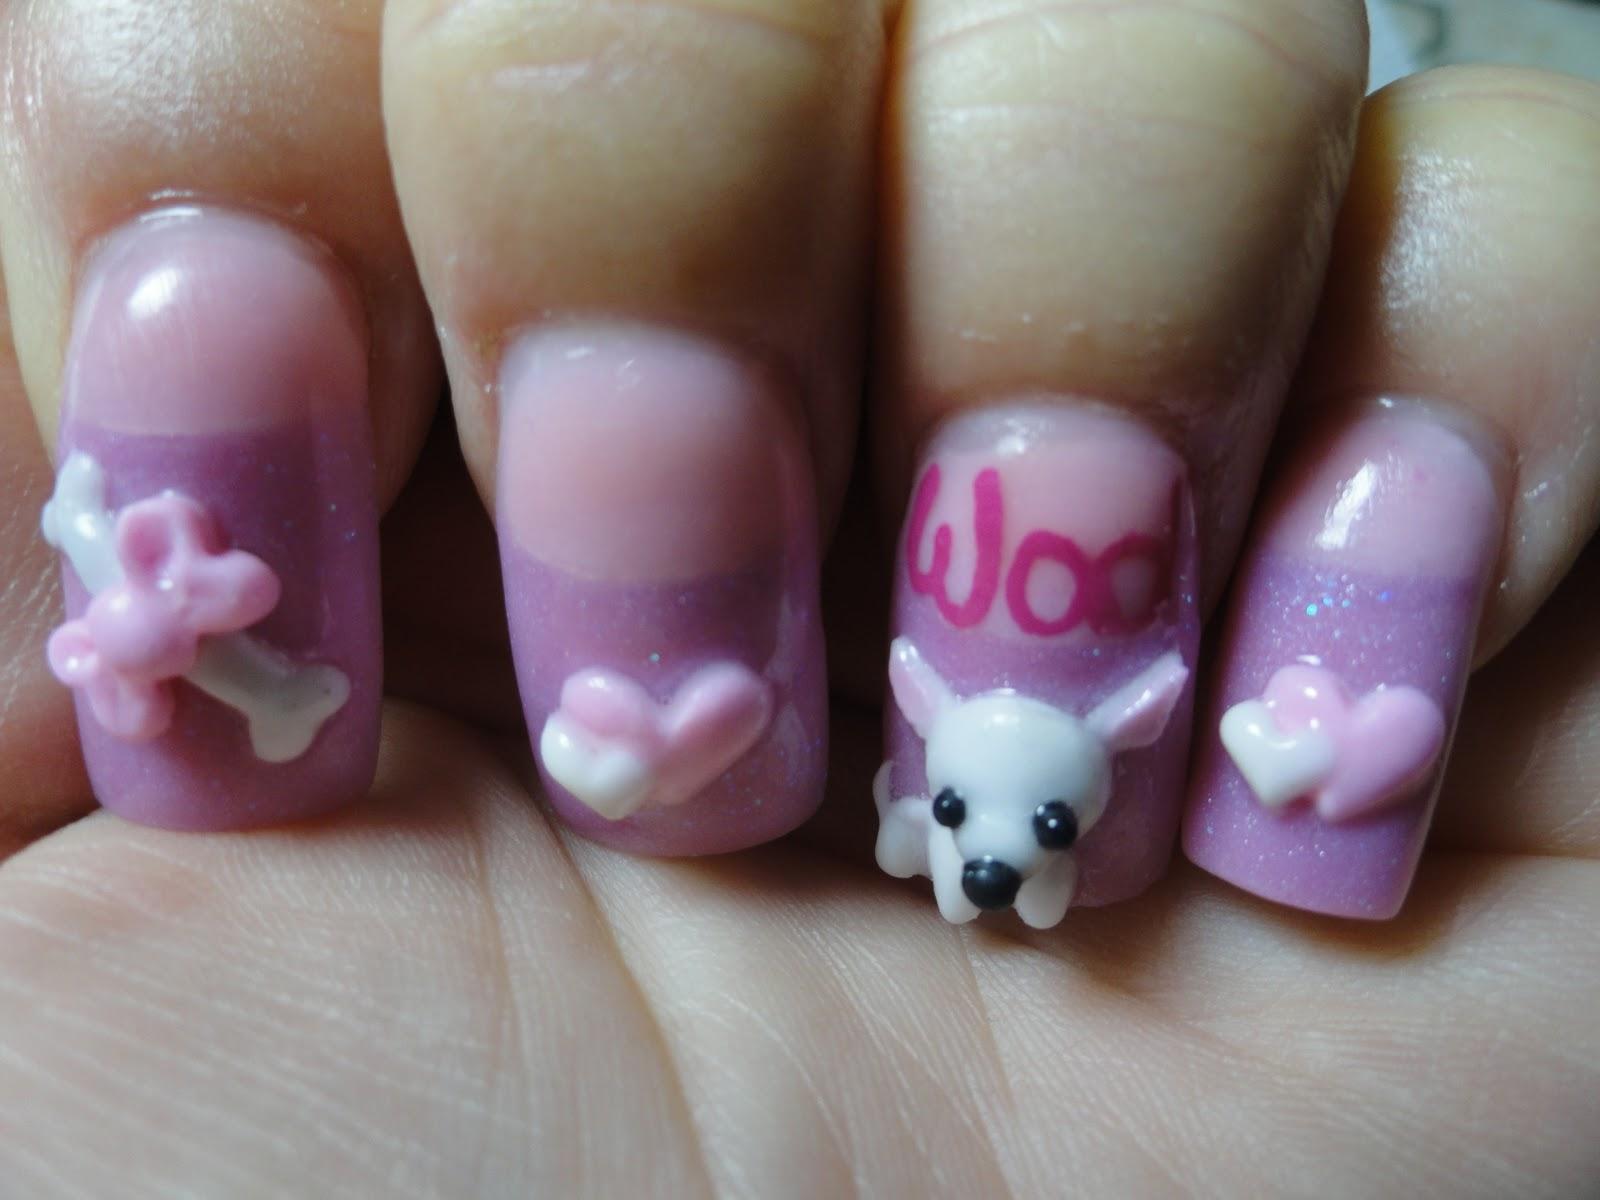 professional acrylic nails weaken nails photo - 1